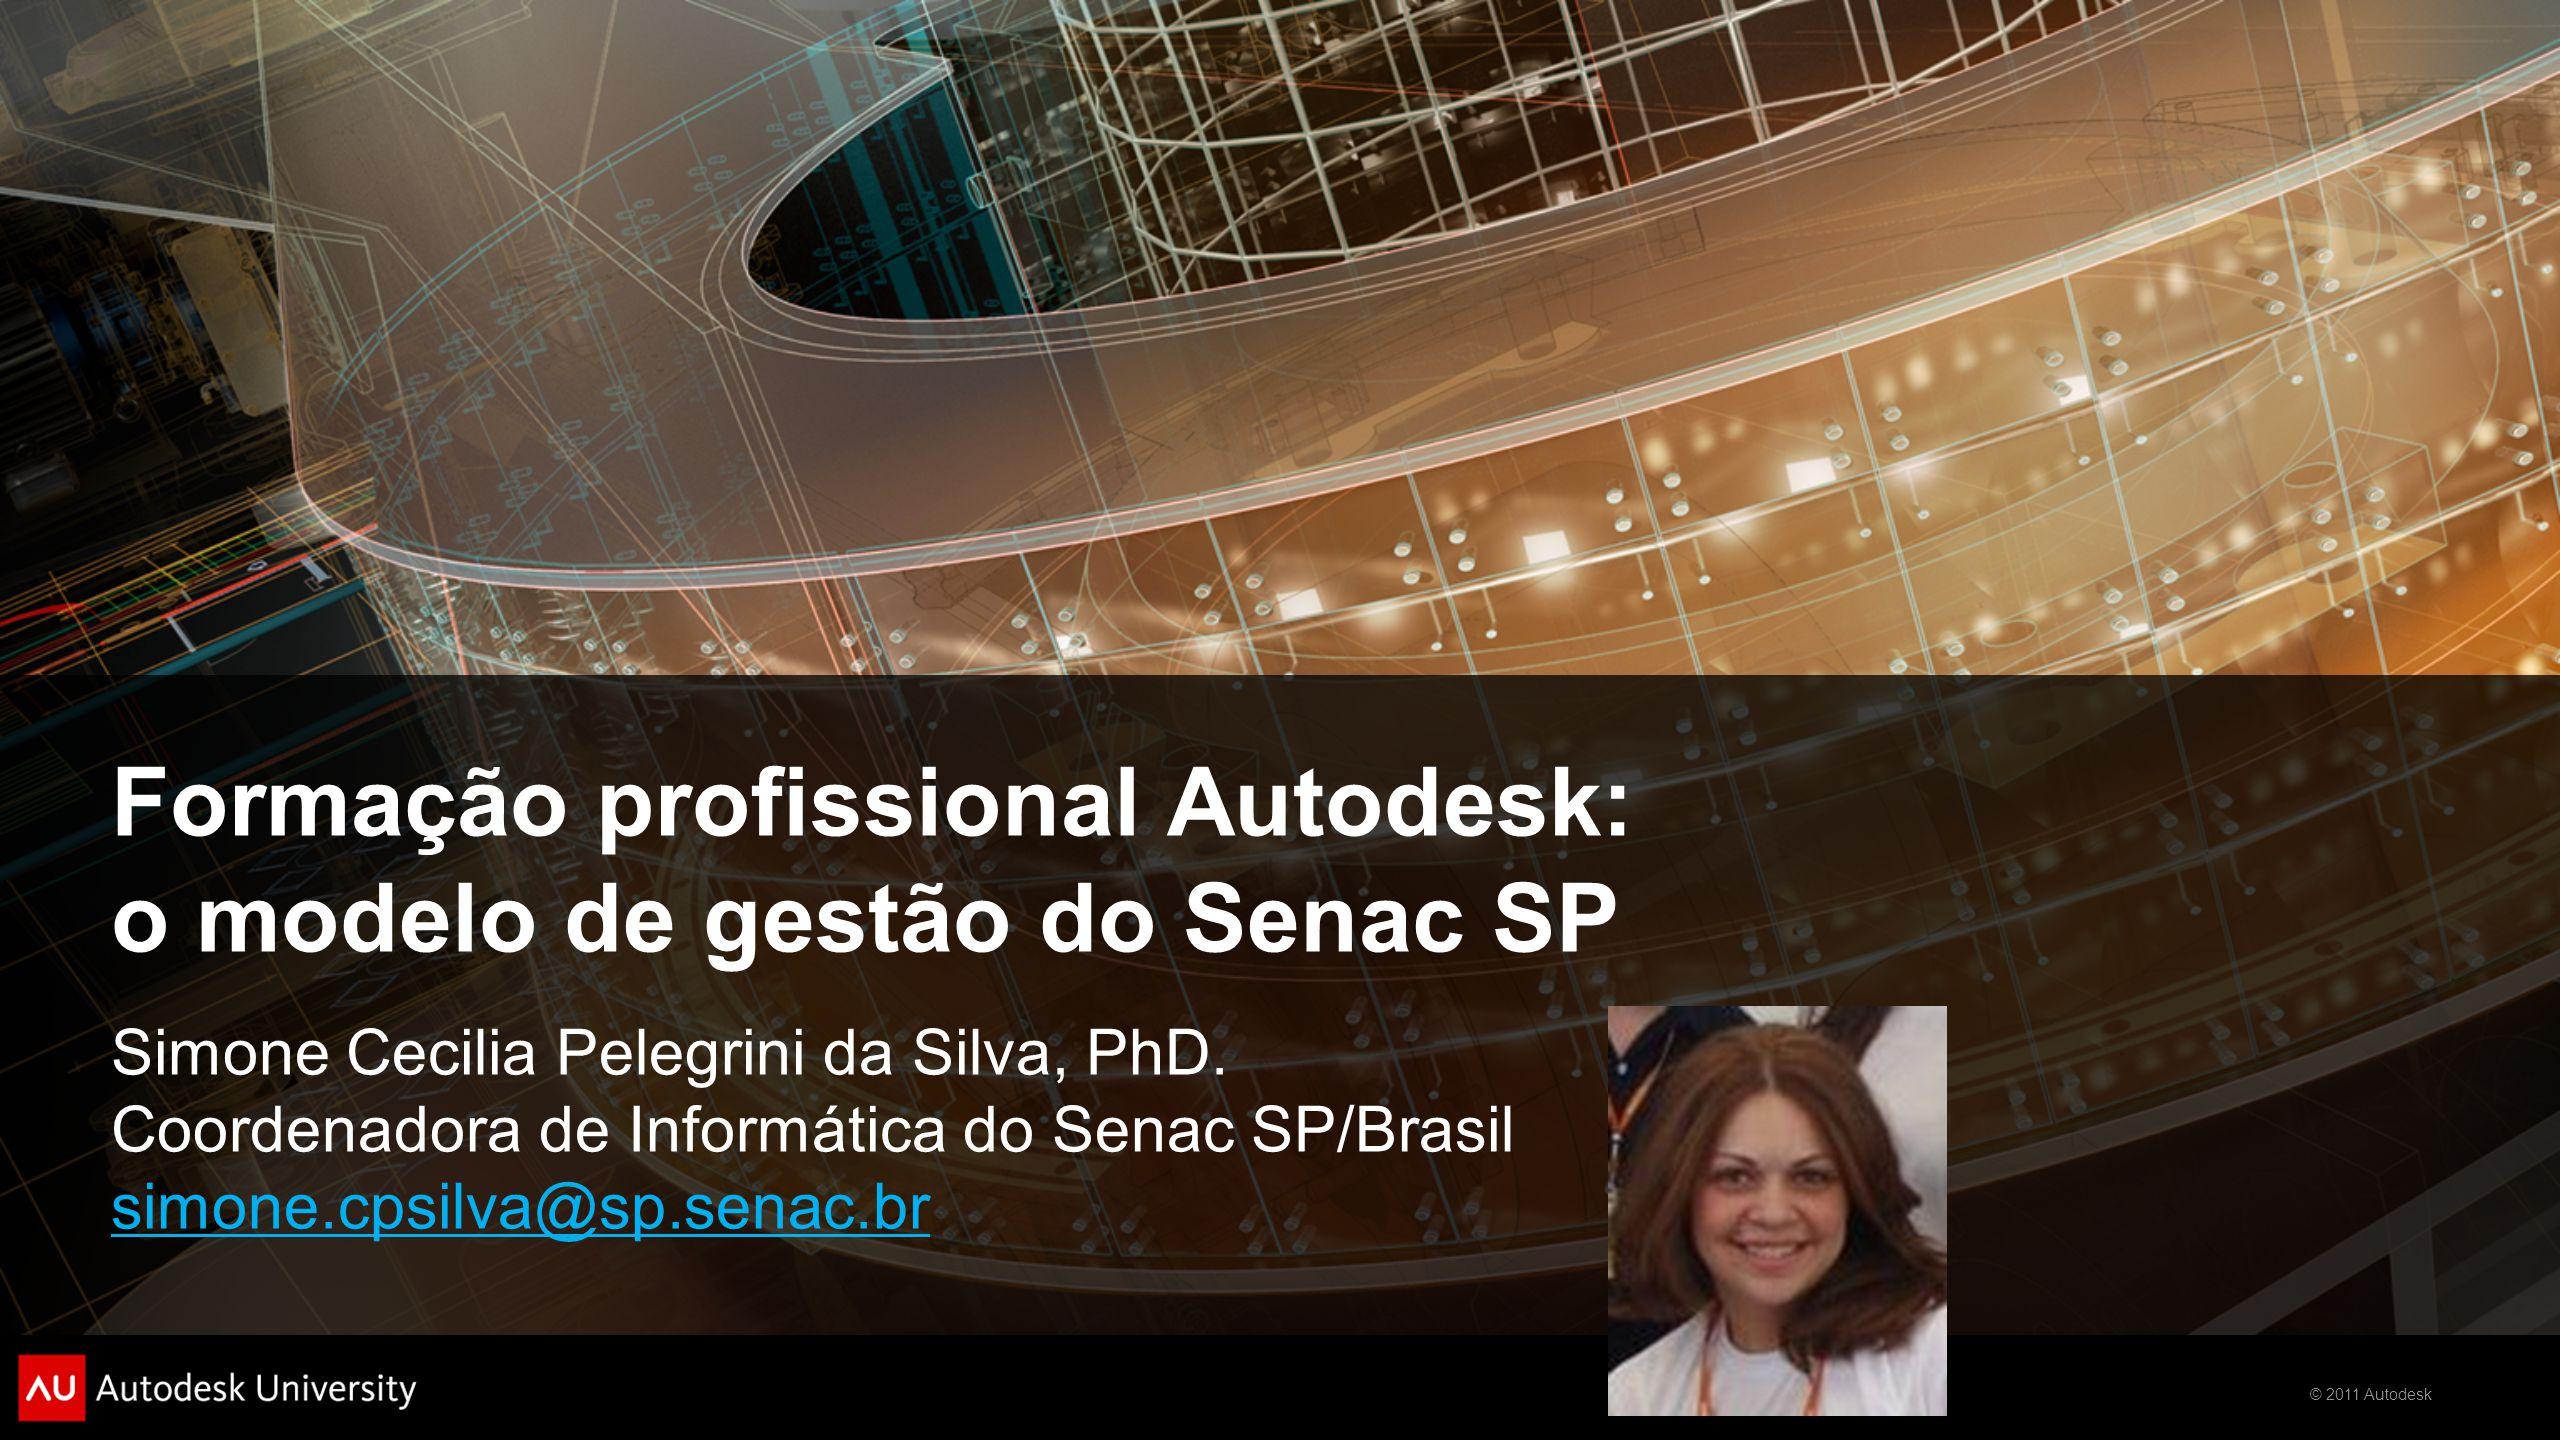 © 2011 Autodesk Formação profissional Autodesk: o modelo de gestão do Senac SP Simone Cecilia Pelegrini da Silva, PhD. Coordenadora de Informática do